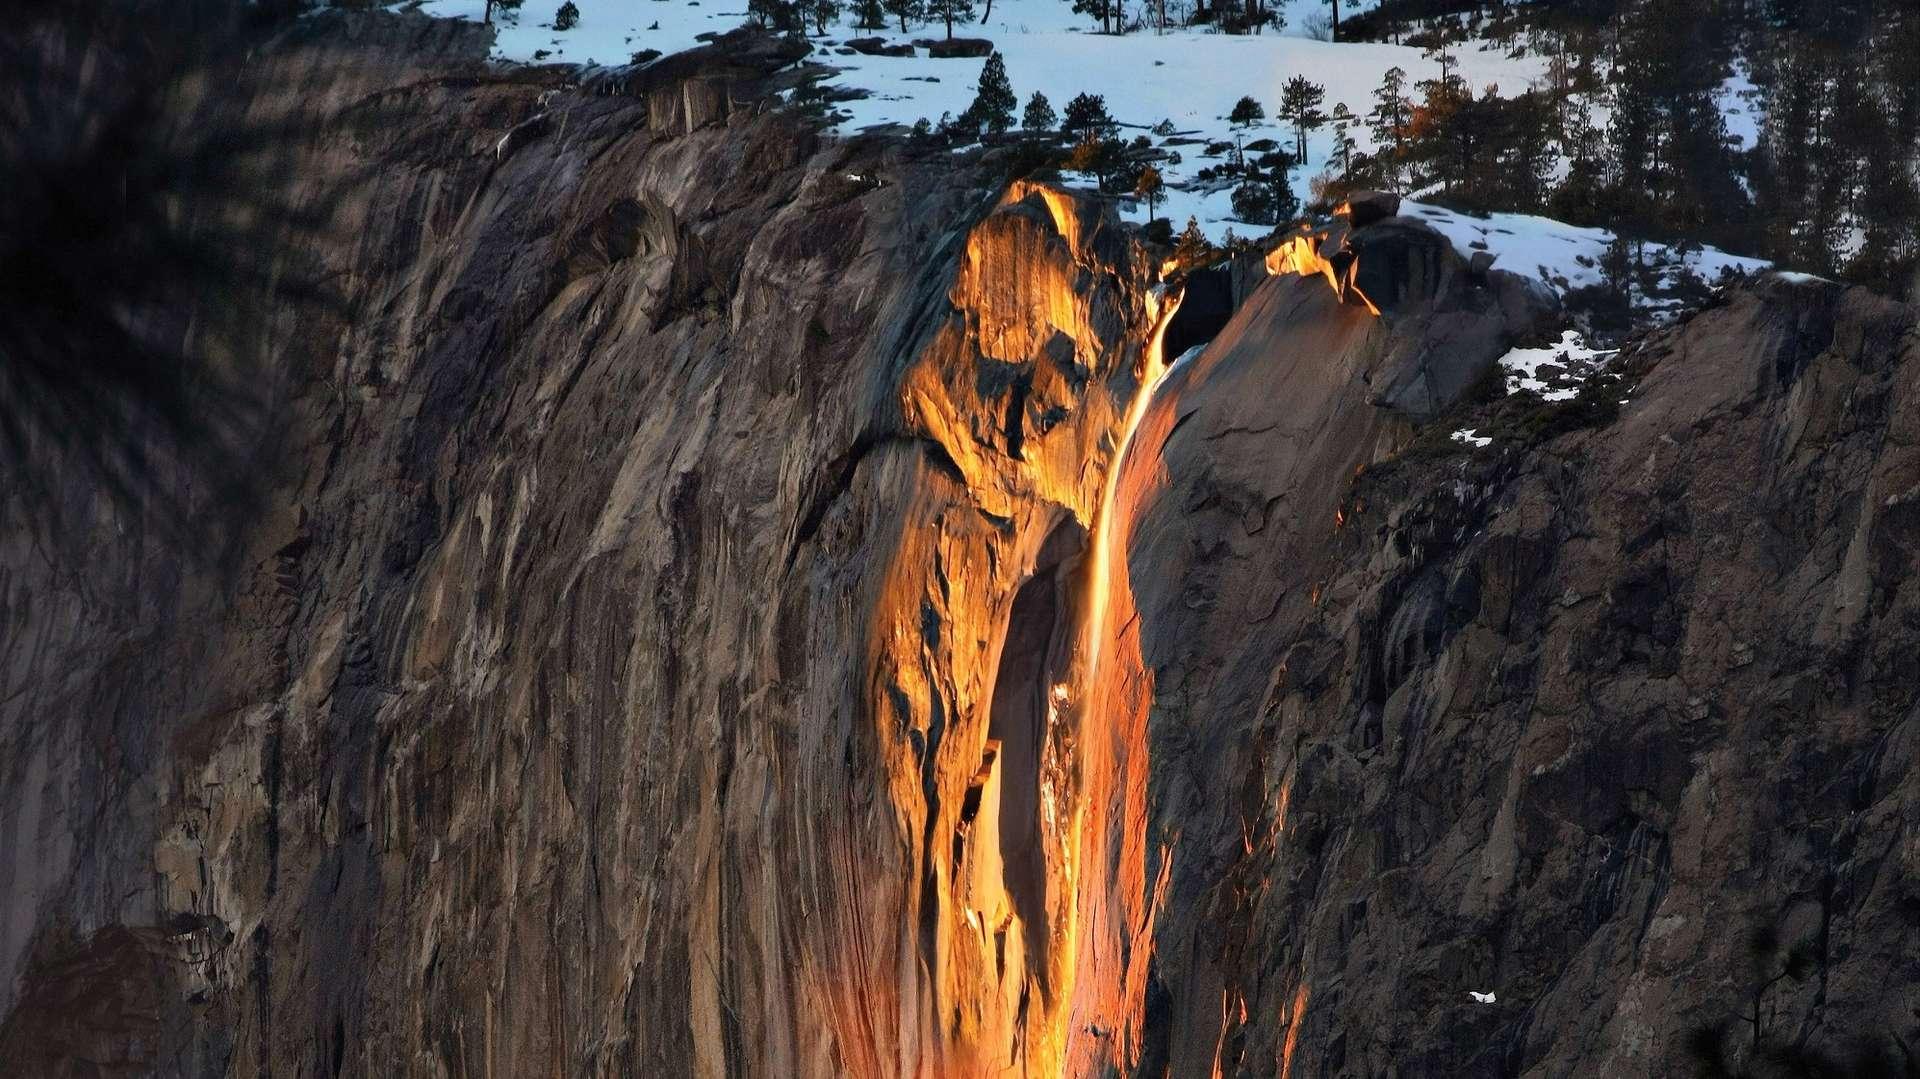 La cascade de feu de Horsetail Fall dans le parc national de Yosemite, en Californie, est une illusion créée par les rayons du Soleil couchant. © Wcwoolf, Wikimedia Commons, CC By-SA 4.0